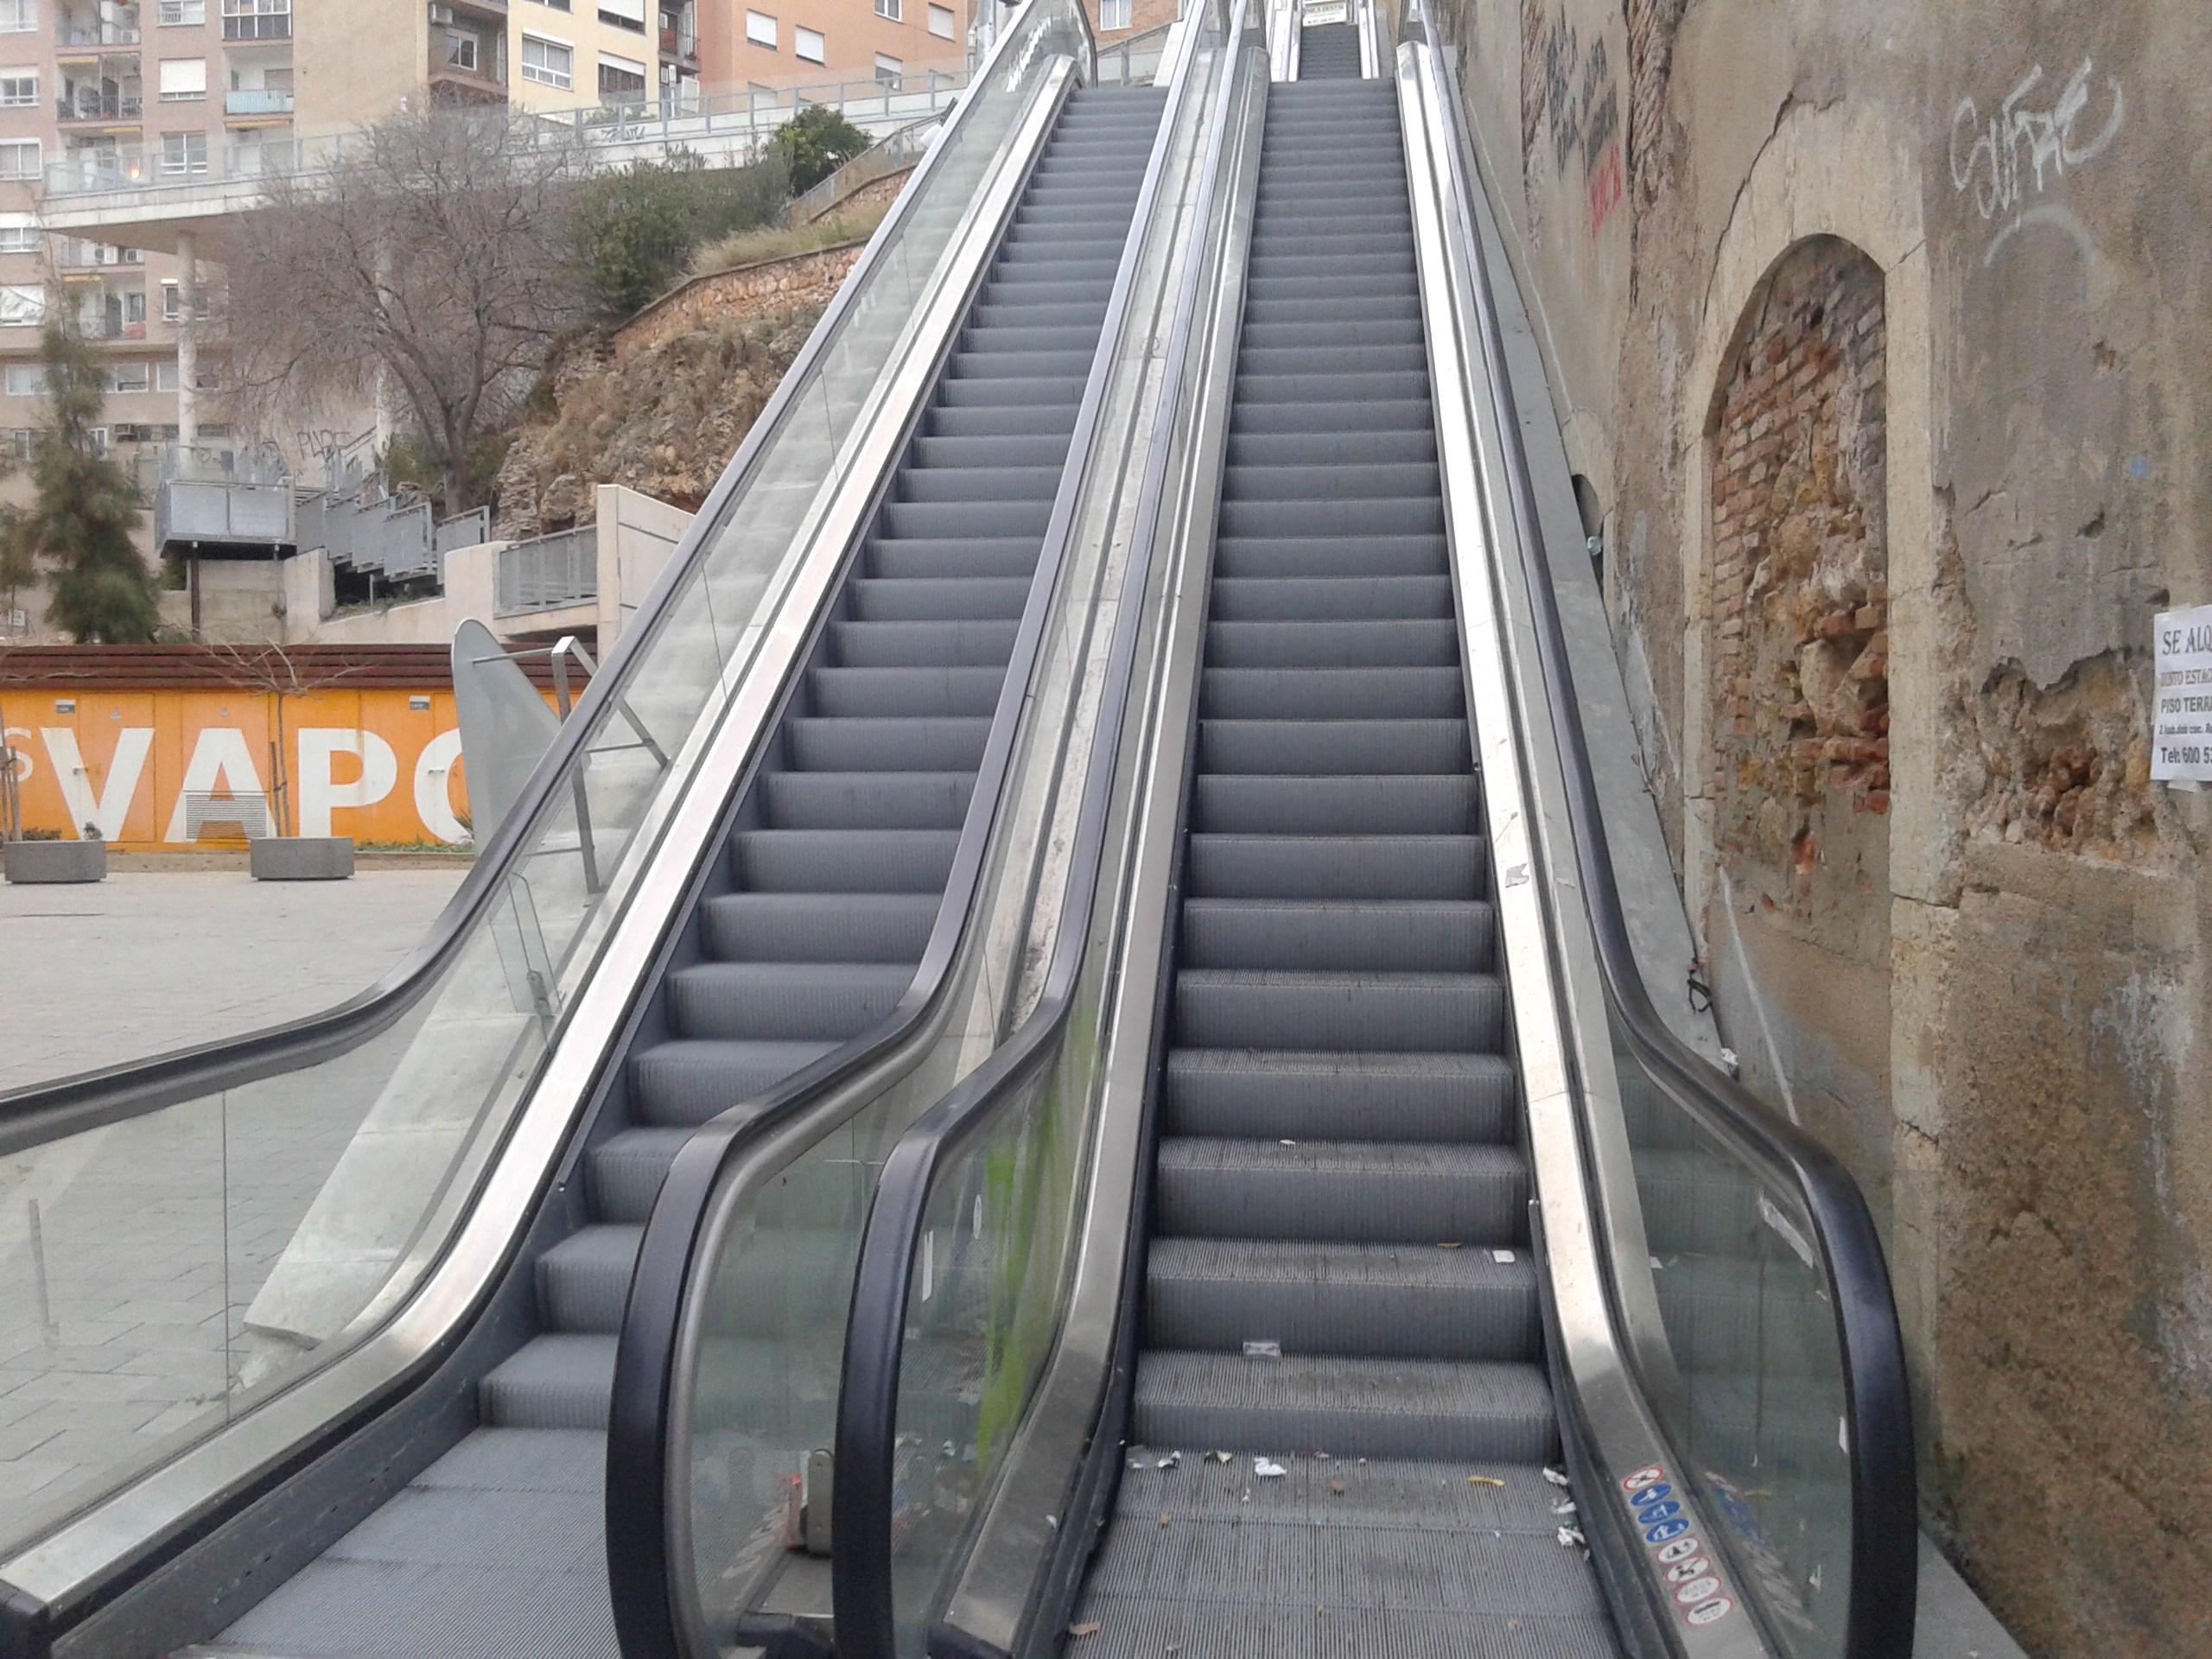 Un tram de pujada de les escales mecàniques del carrer Vapor no funcionen des de fa més d'una setmana (foto: Fet a Tarragona)